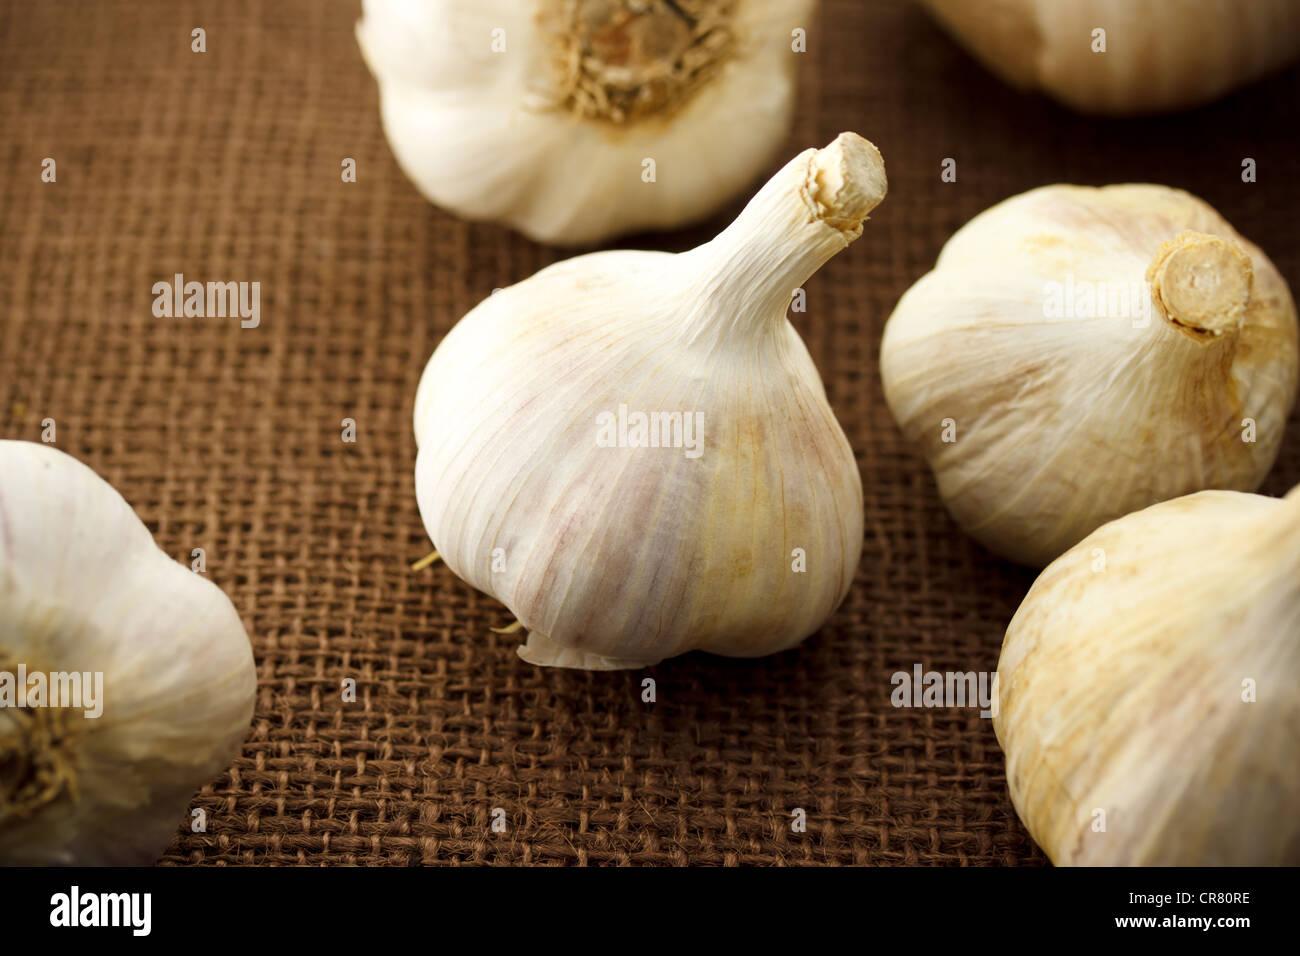 Whole Garlic - Stock Image